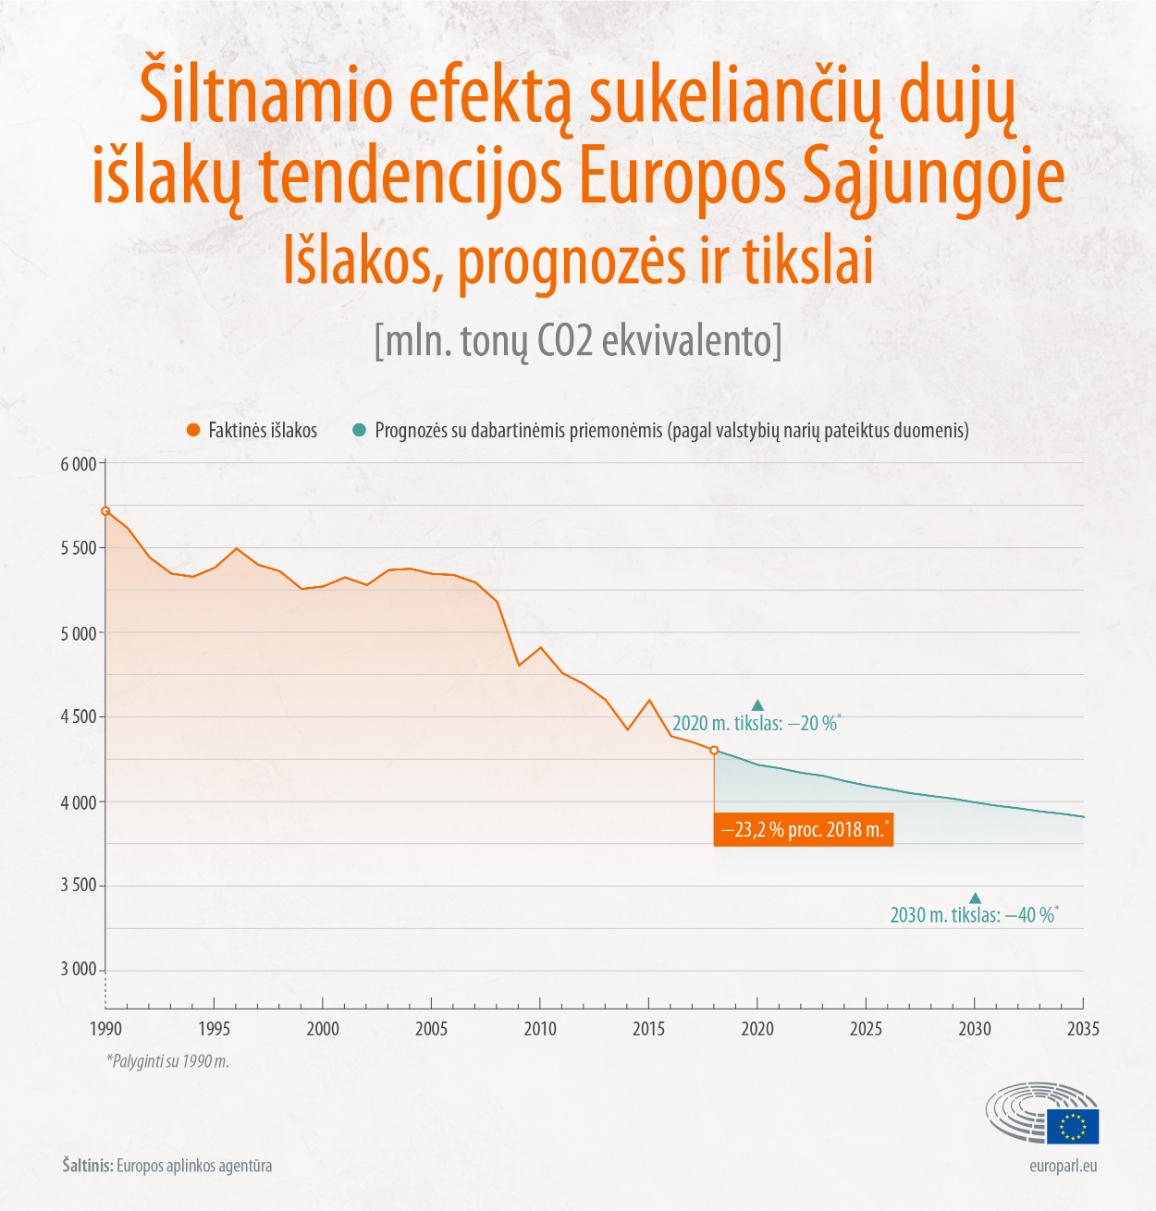 Infografikas apie šiltnamio efektą sukeliančių dujų išlakų tendencijas